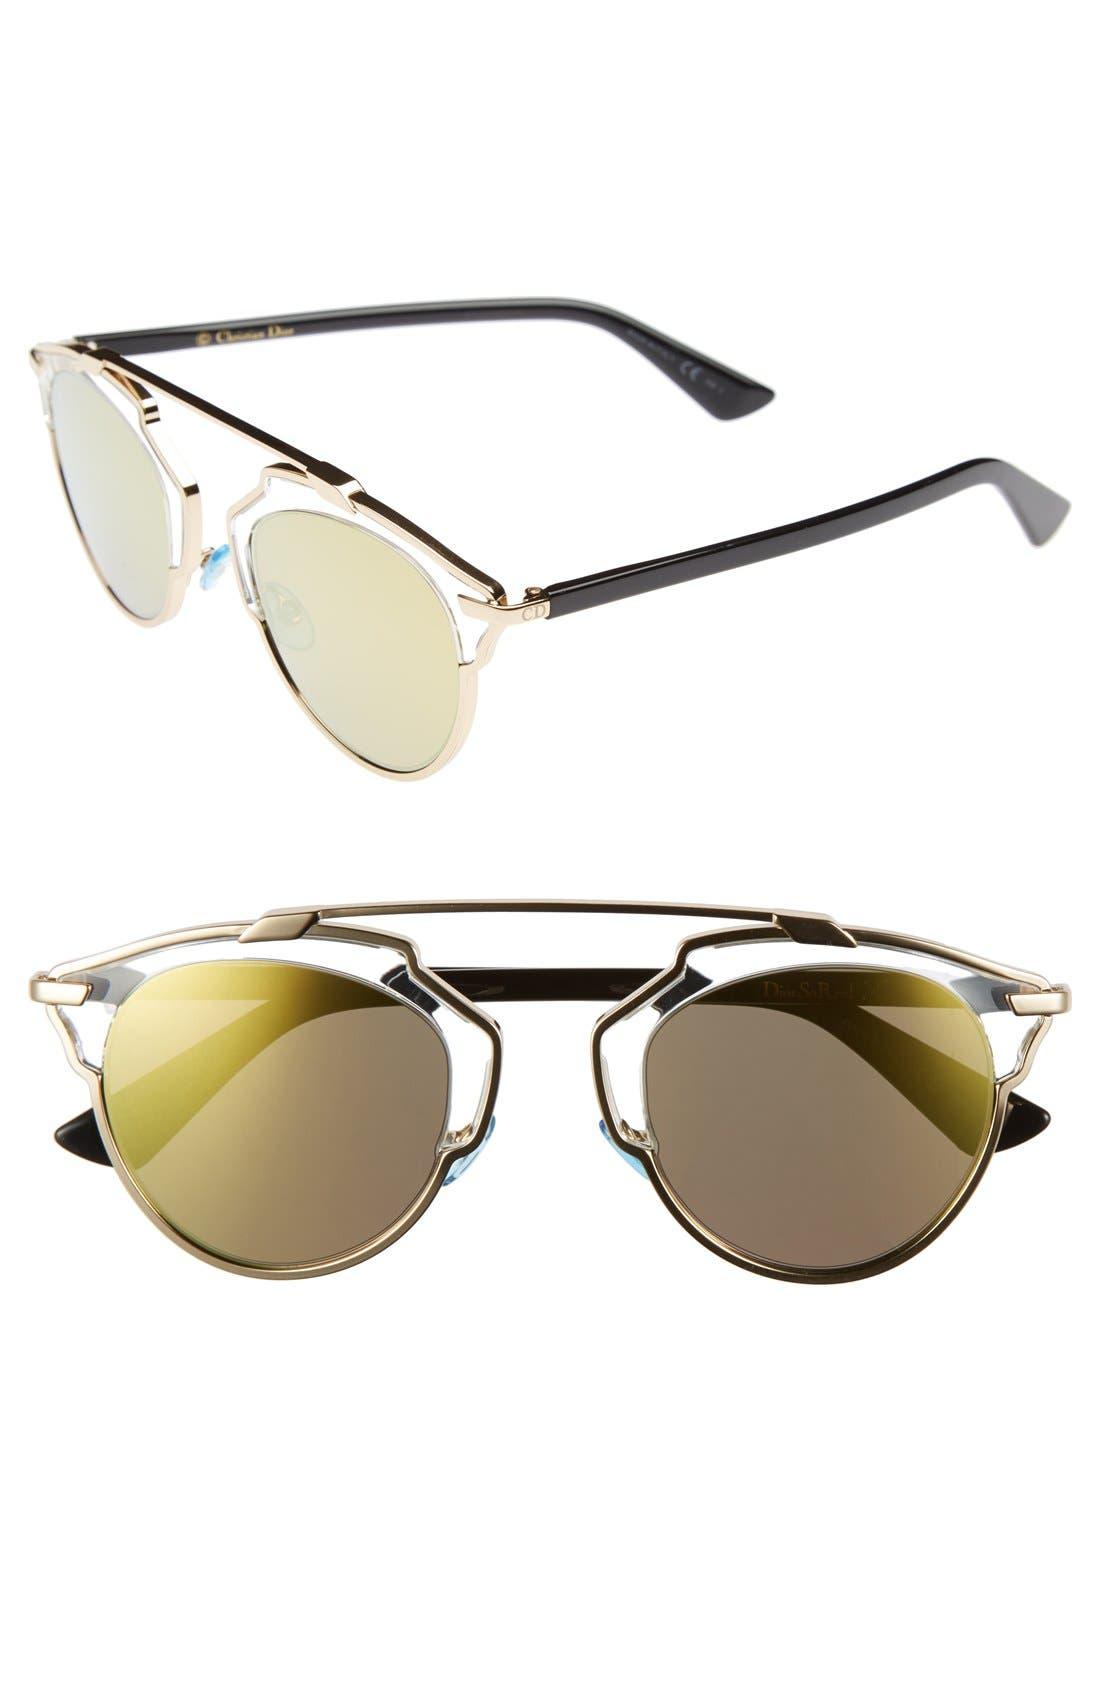 So Real 48mm Brow Bar Sunglasses,                             Main thumbnail 23, color,